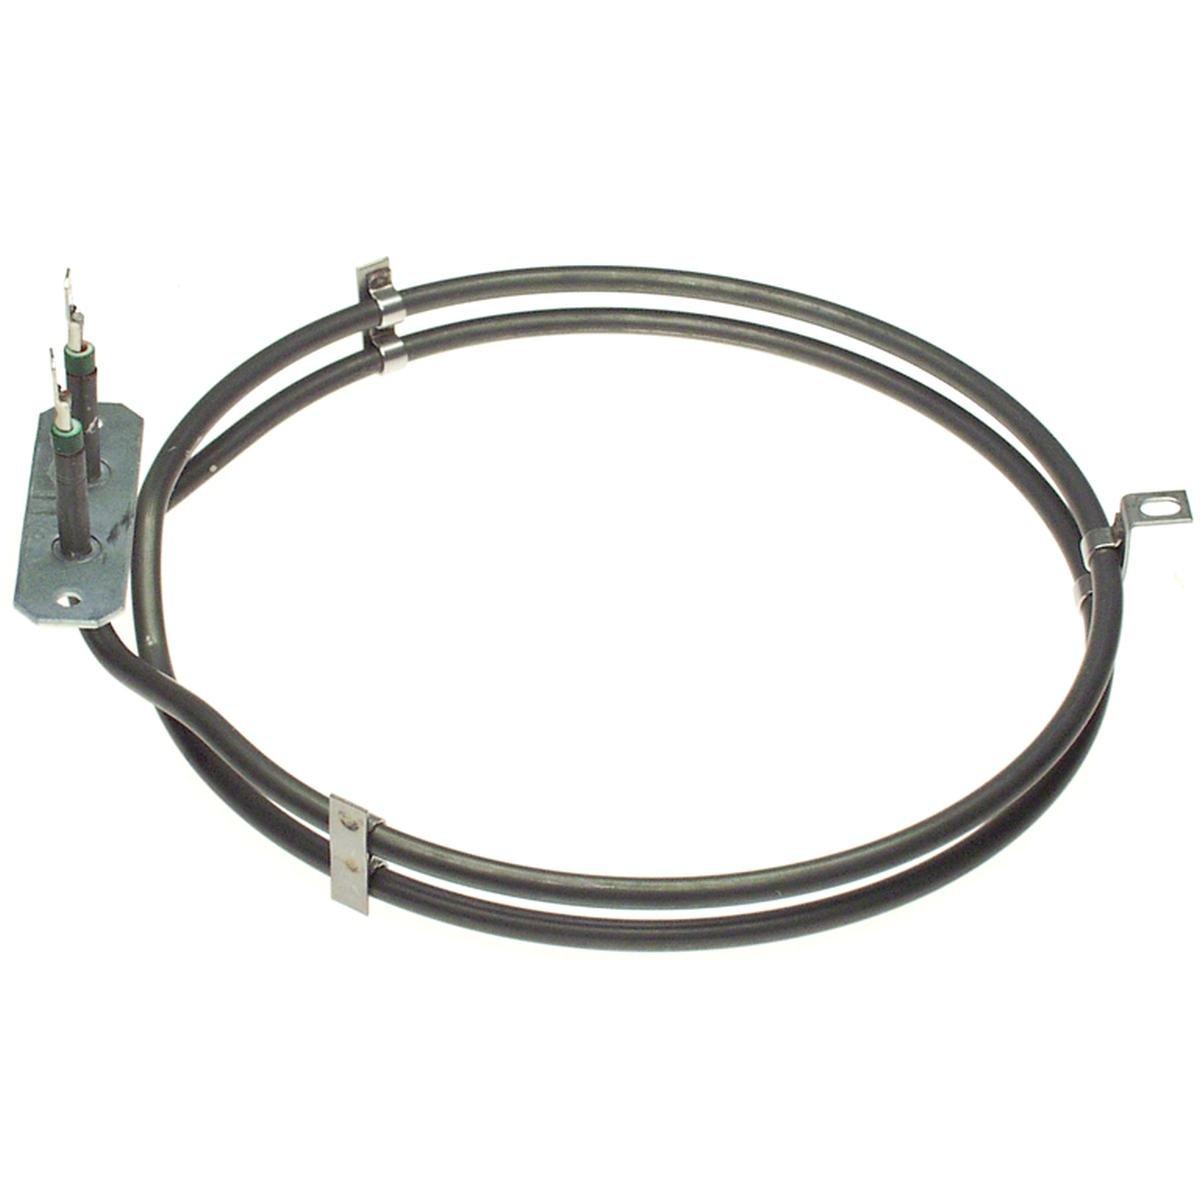 Ringvarmelegeme 1800W 230V